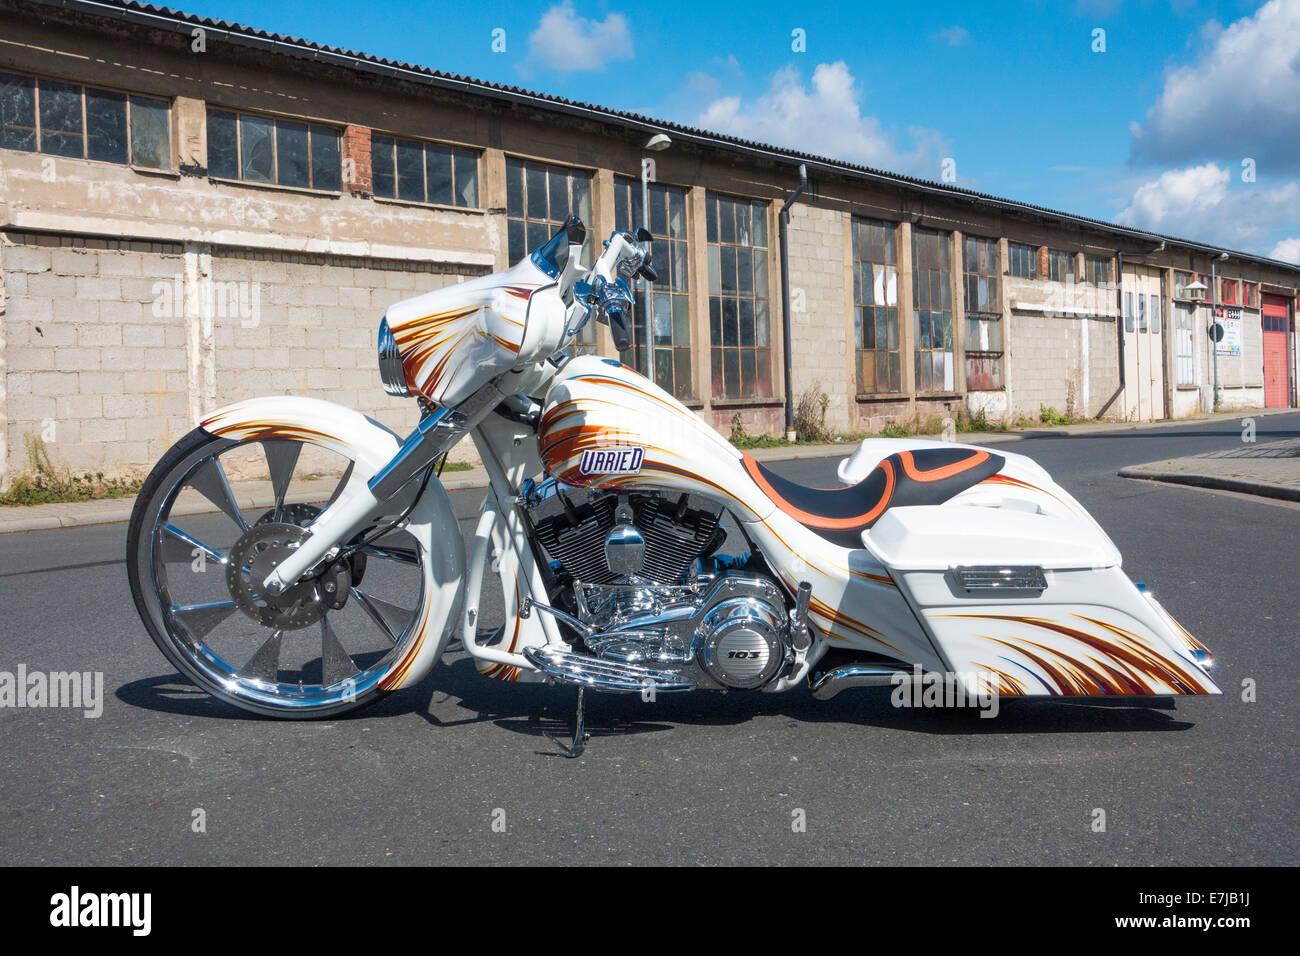 custom motorcycle harley davidson bagger show bike. Black Bedroom Furniture Sets. Home Design Ideas